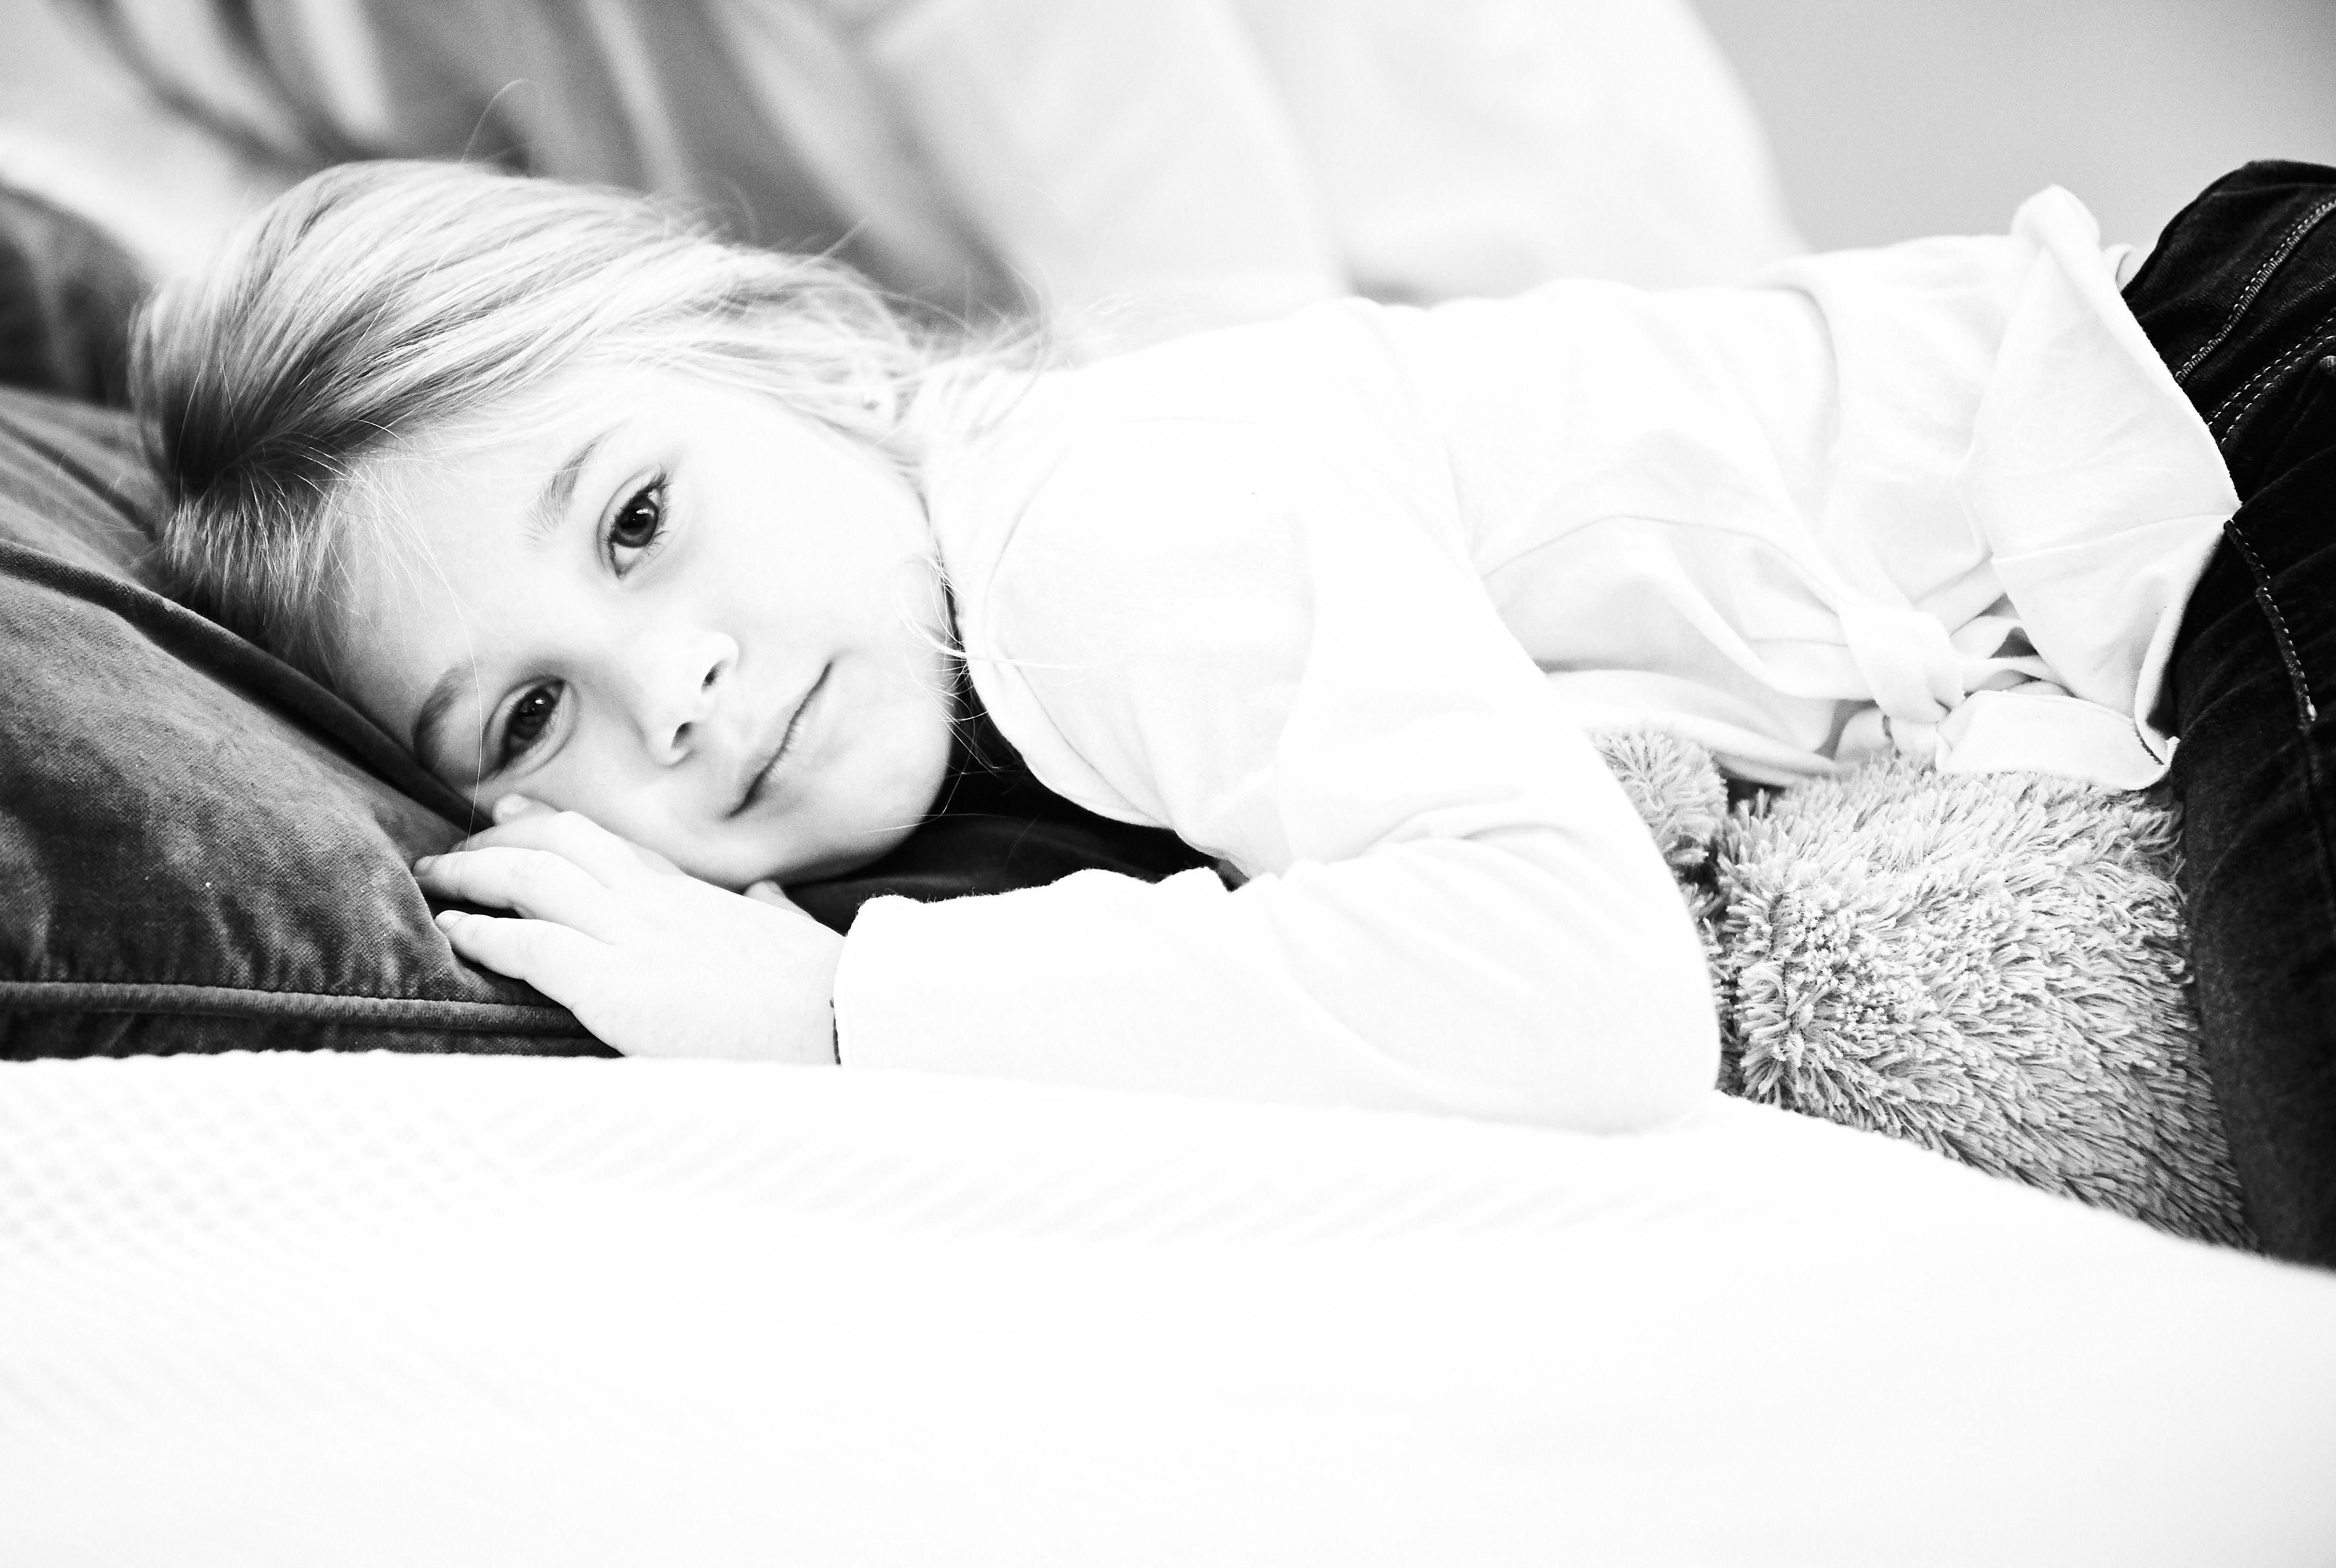 fotografia bambina in bianco e nero sdraiata su divano